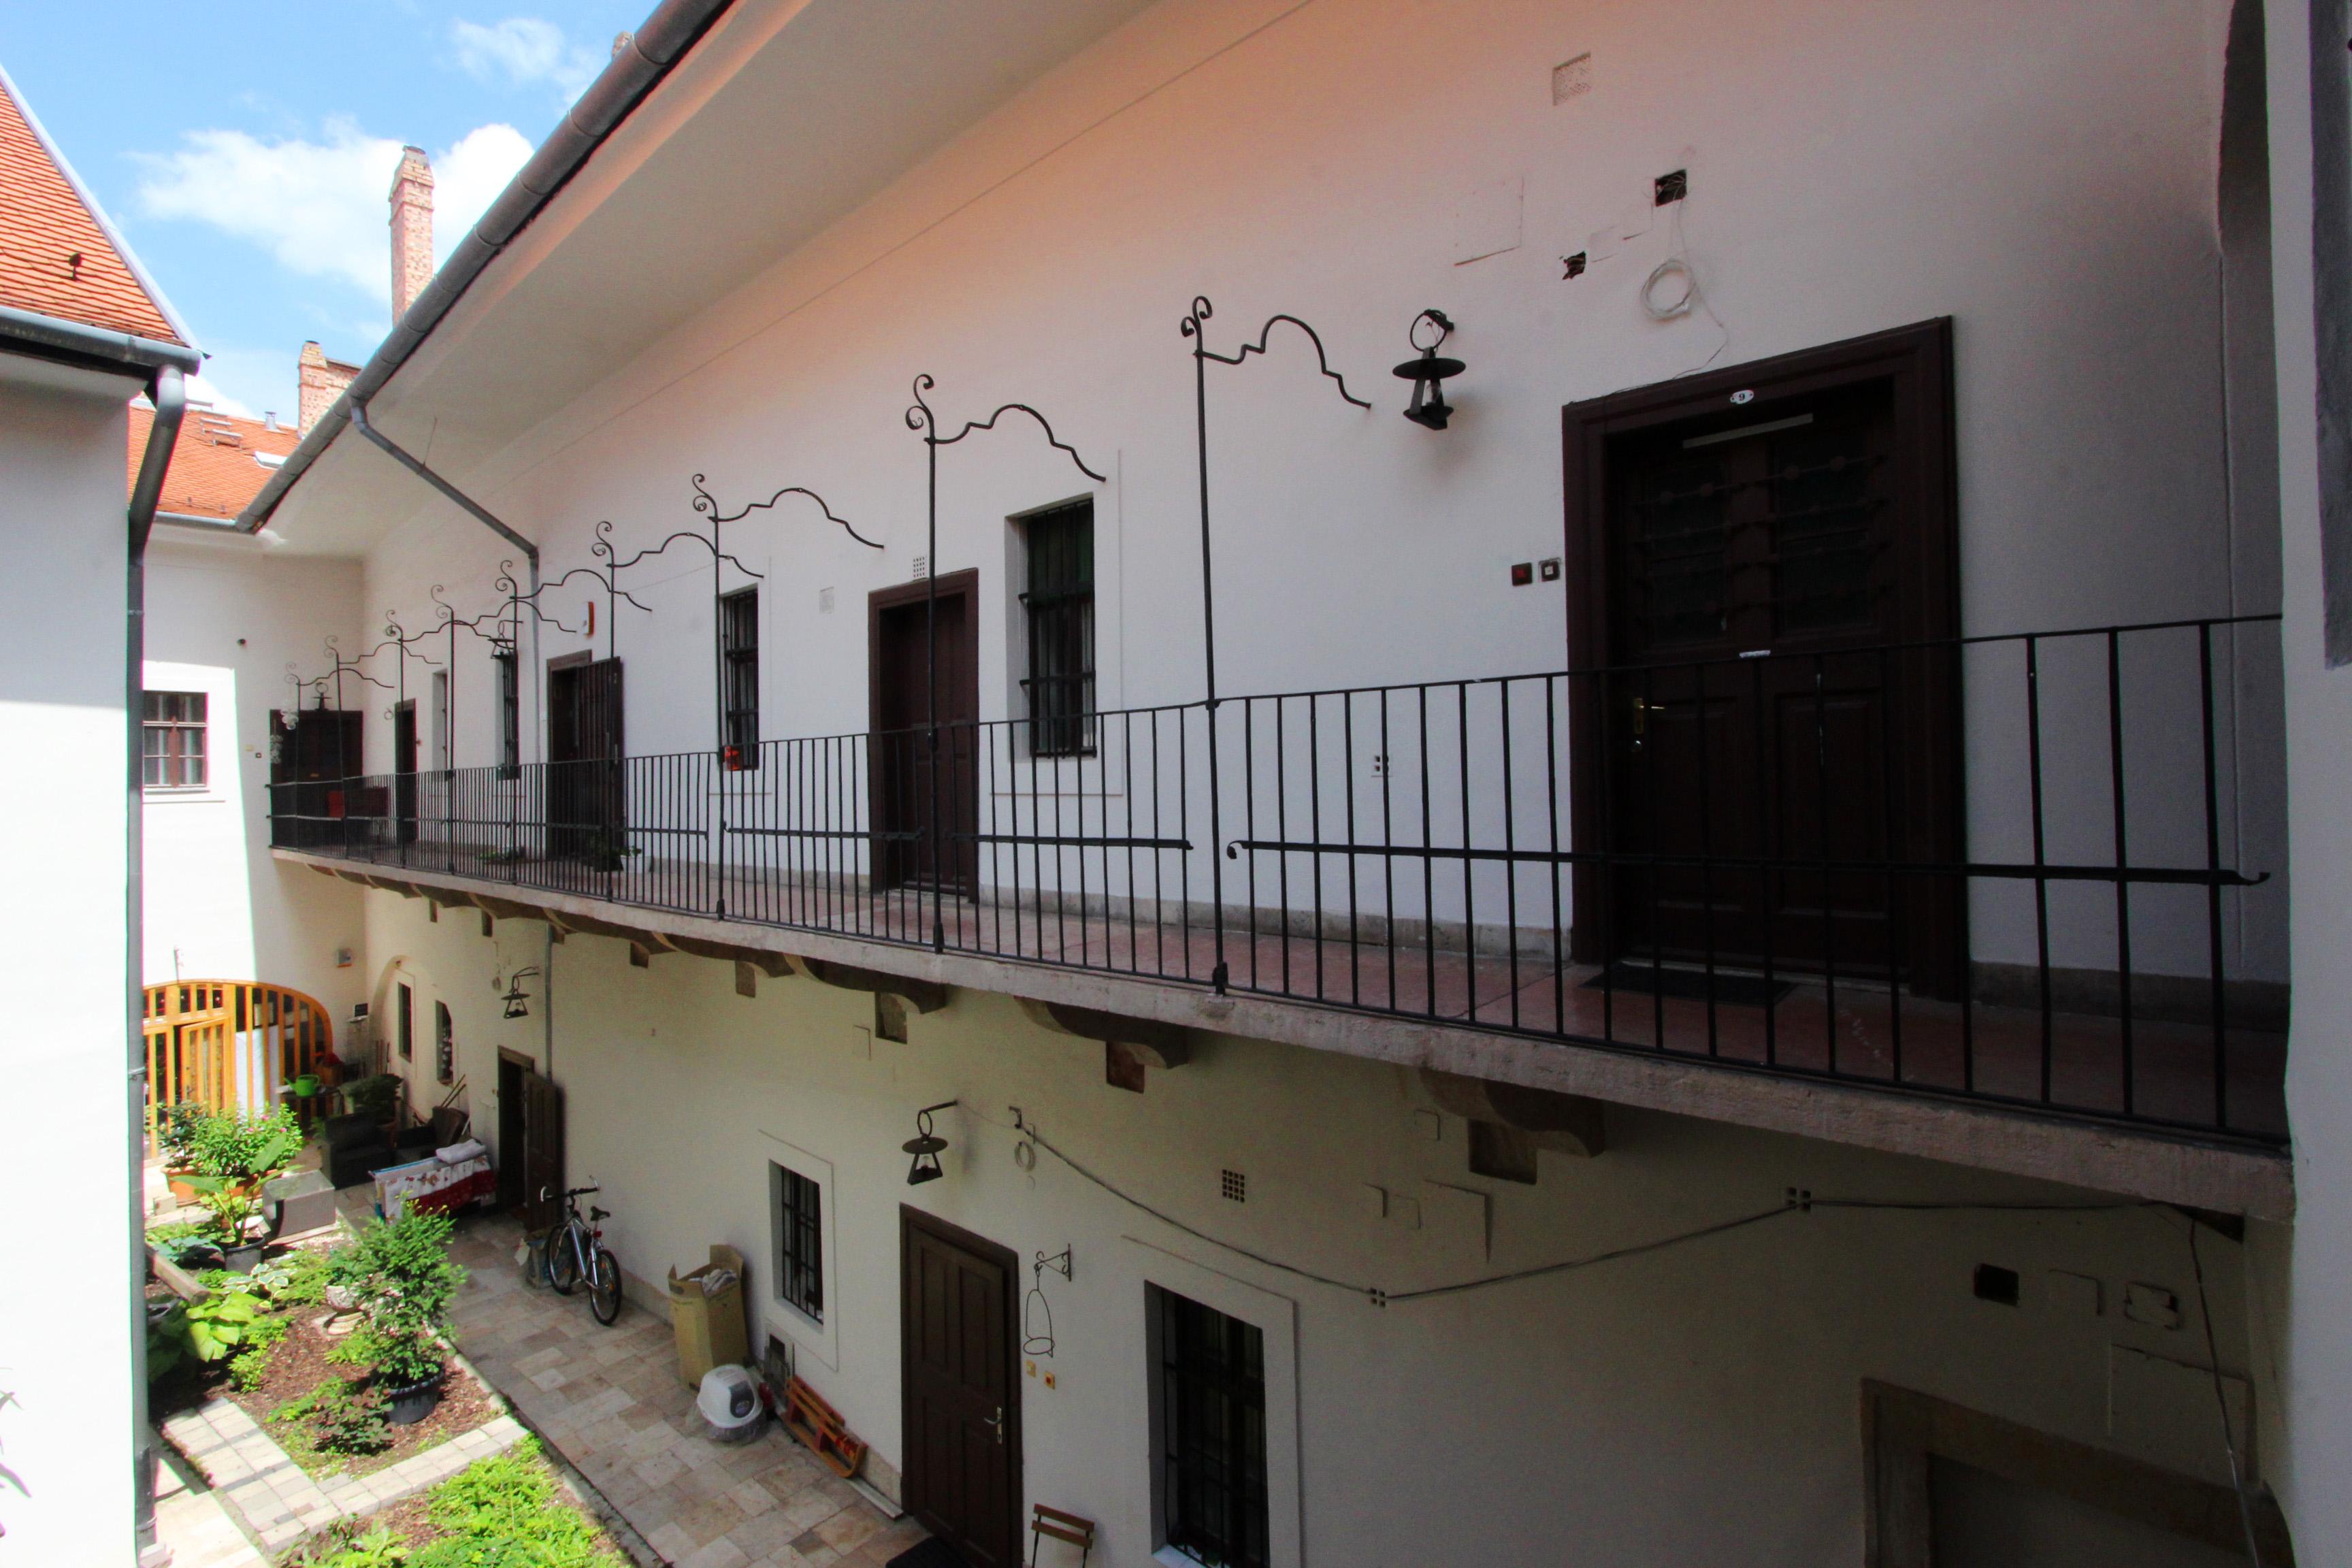 Budai várnegyed legrégebbi használatban lévő épülete a Vörös sün